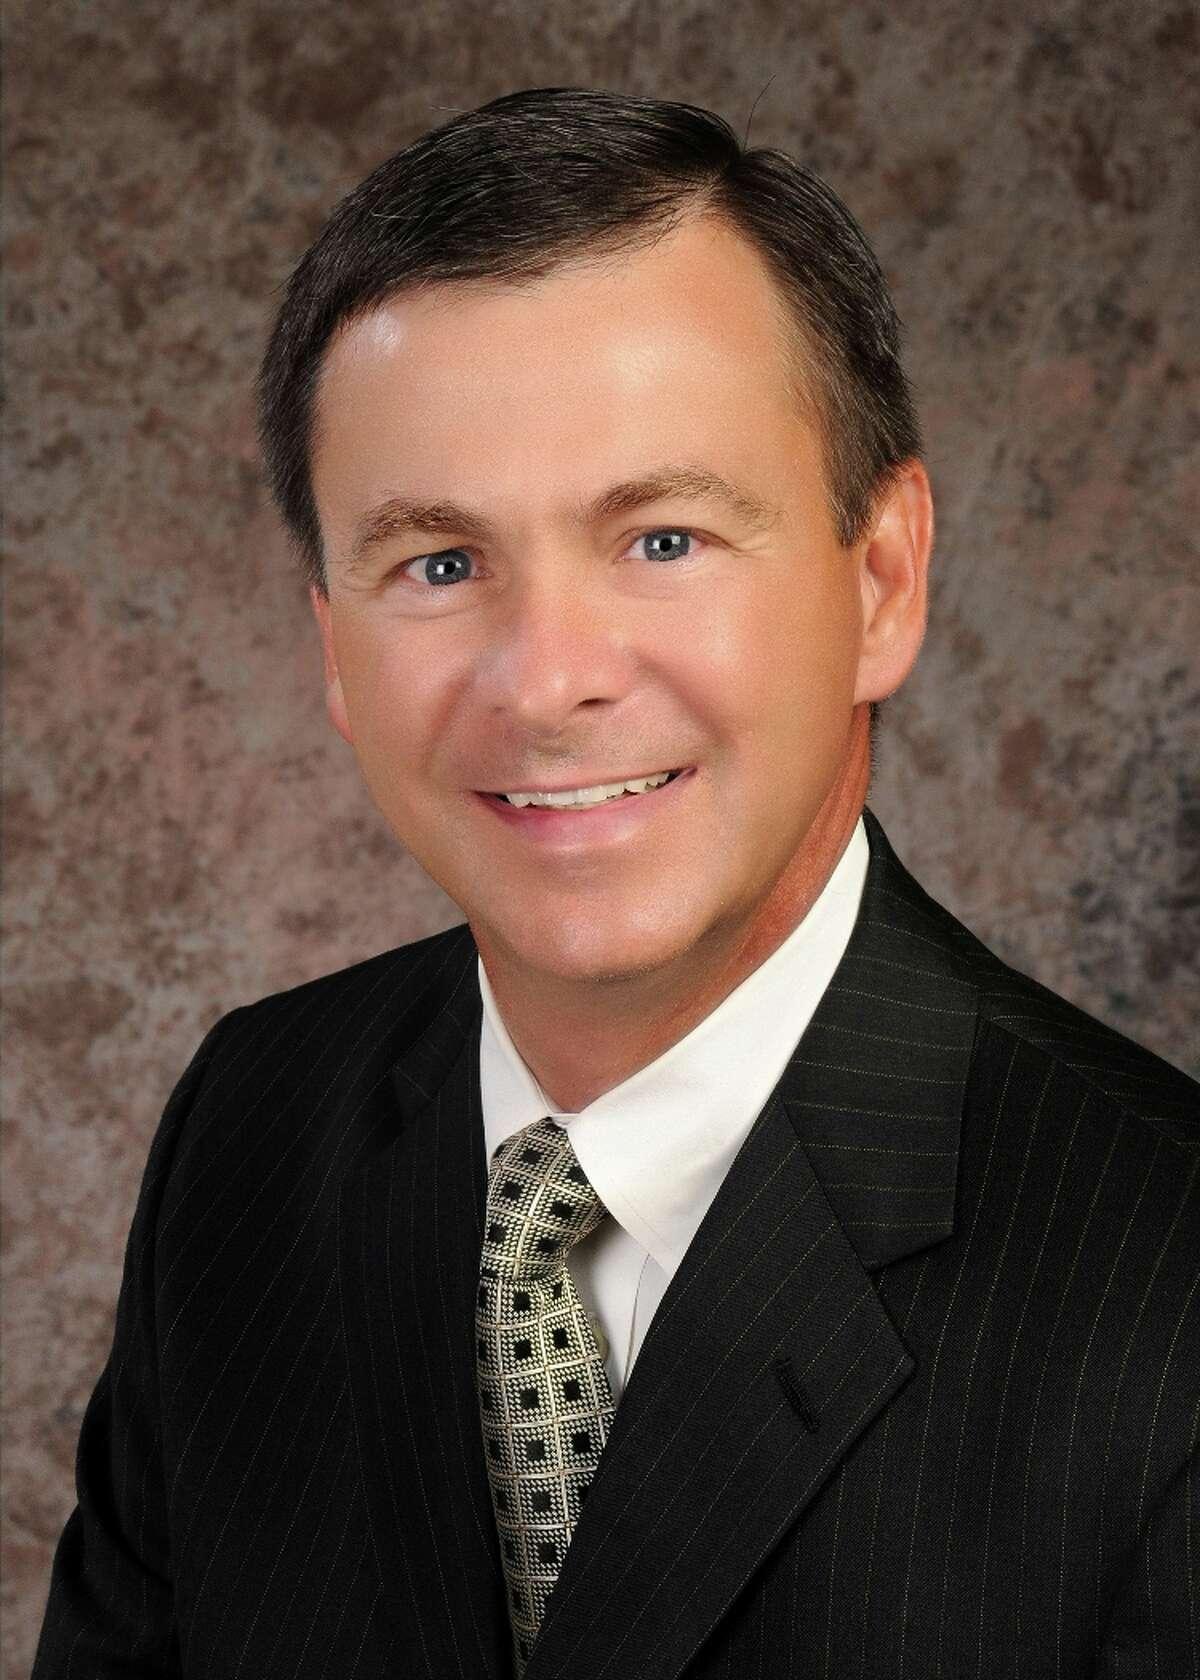 David Gornet, executive director of the Grand Parkway Association